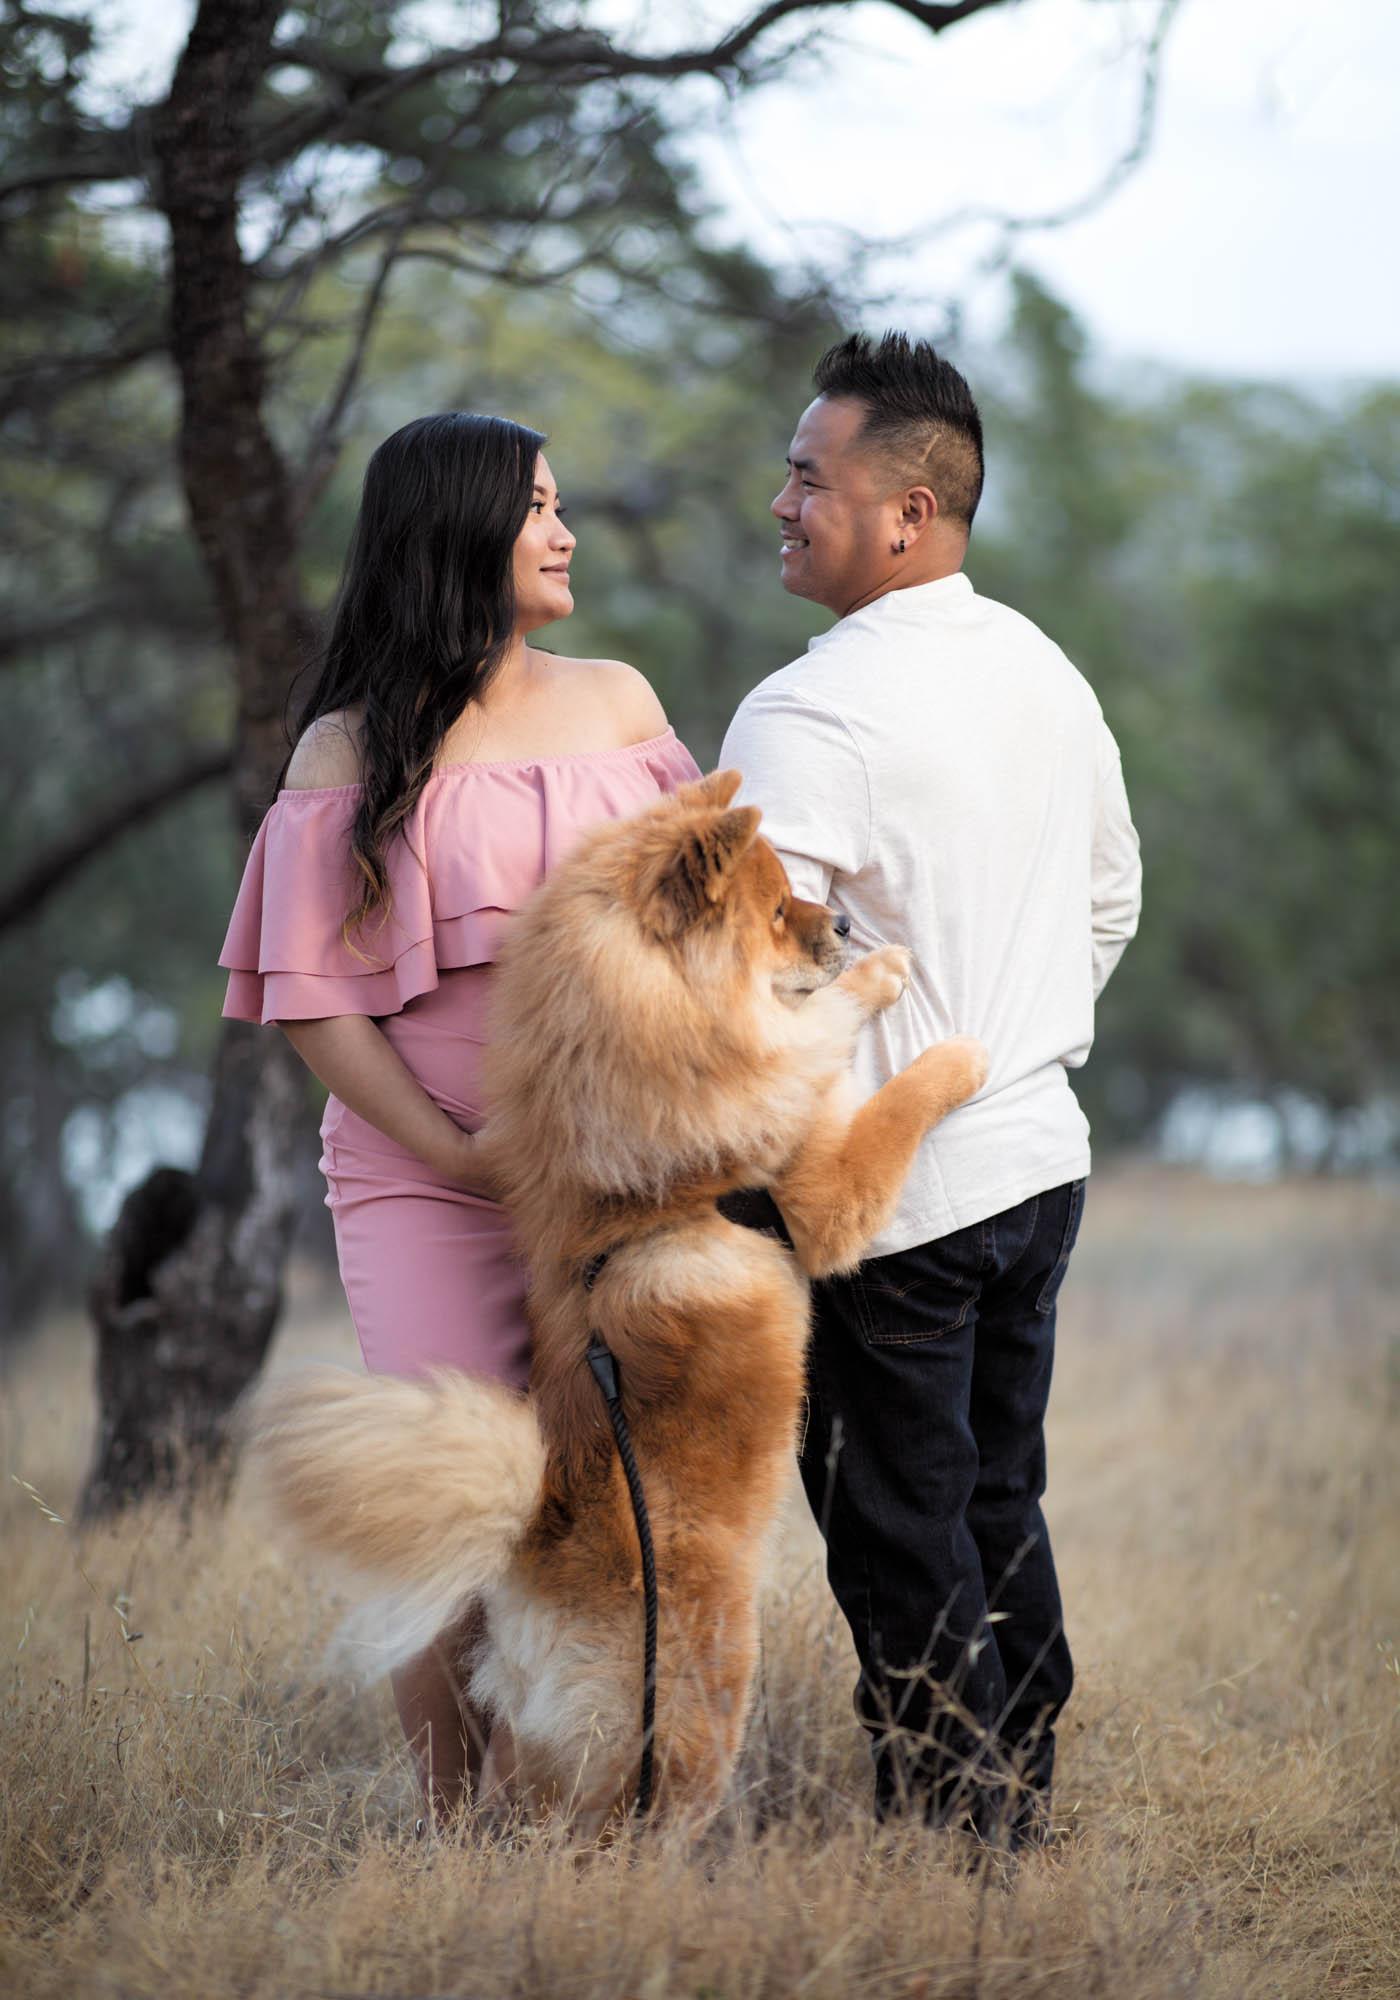 Family photo by Jason Guy